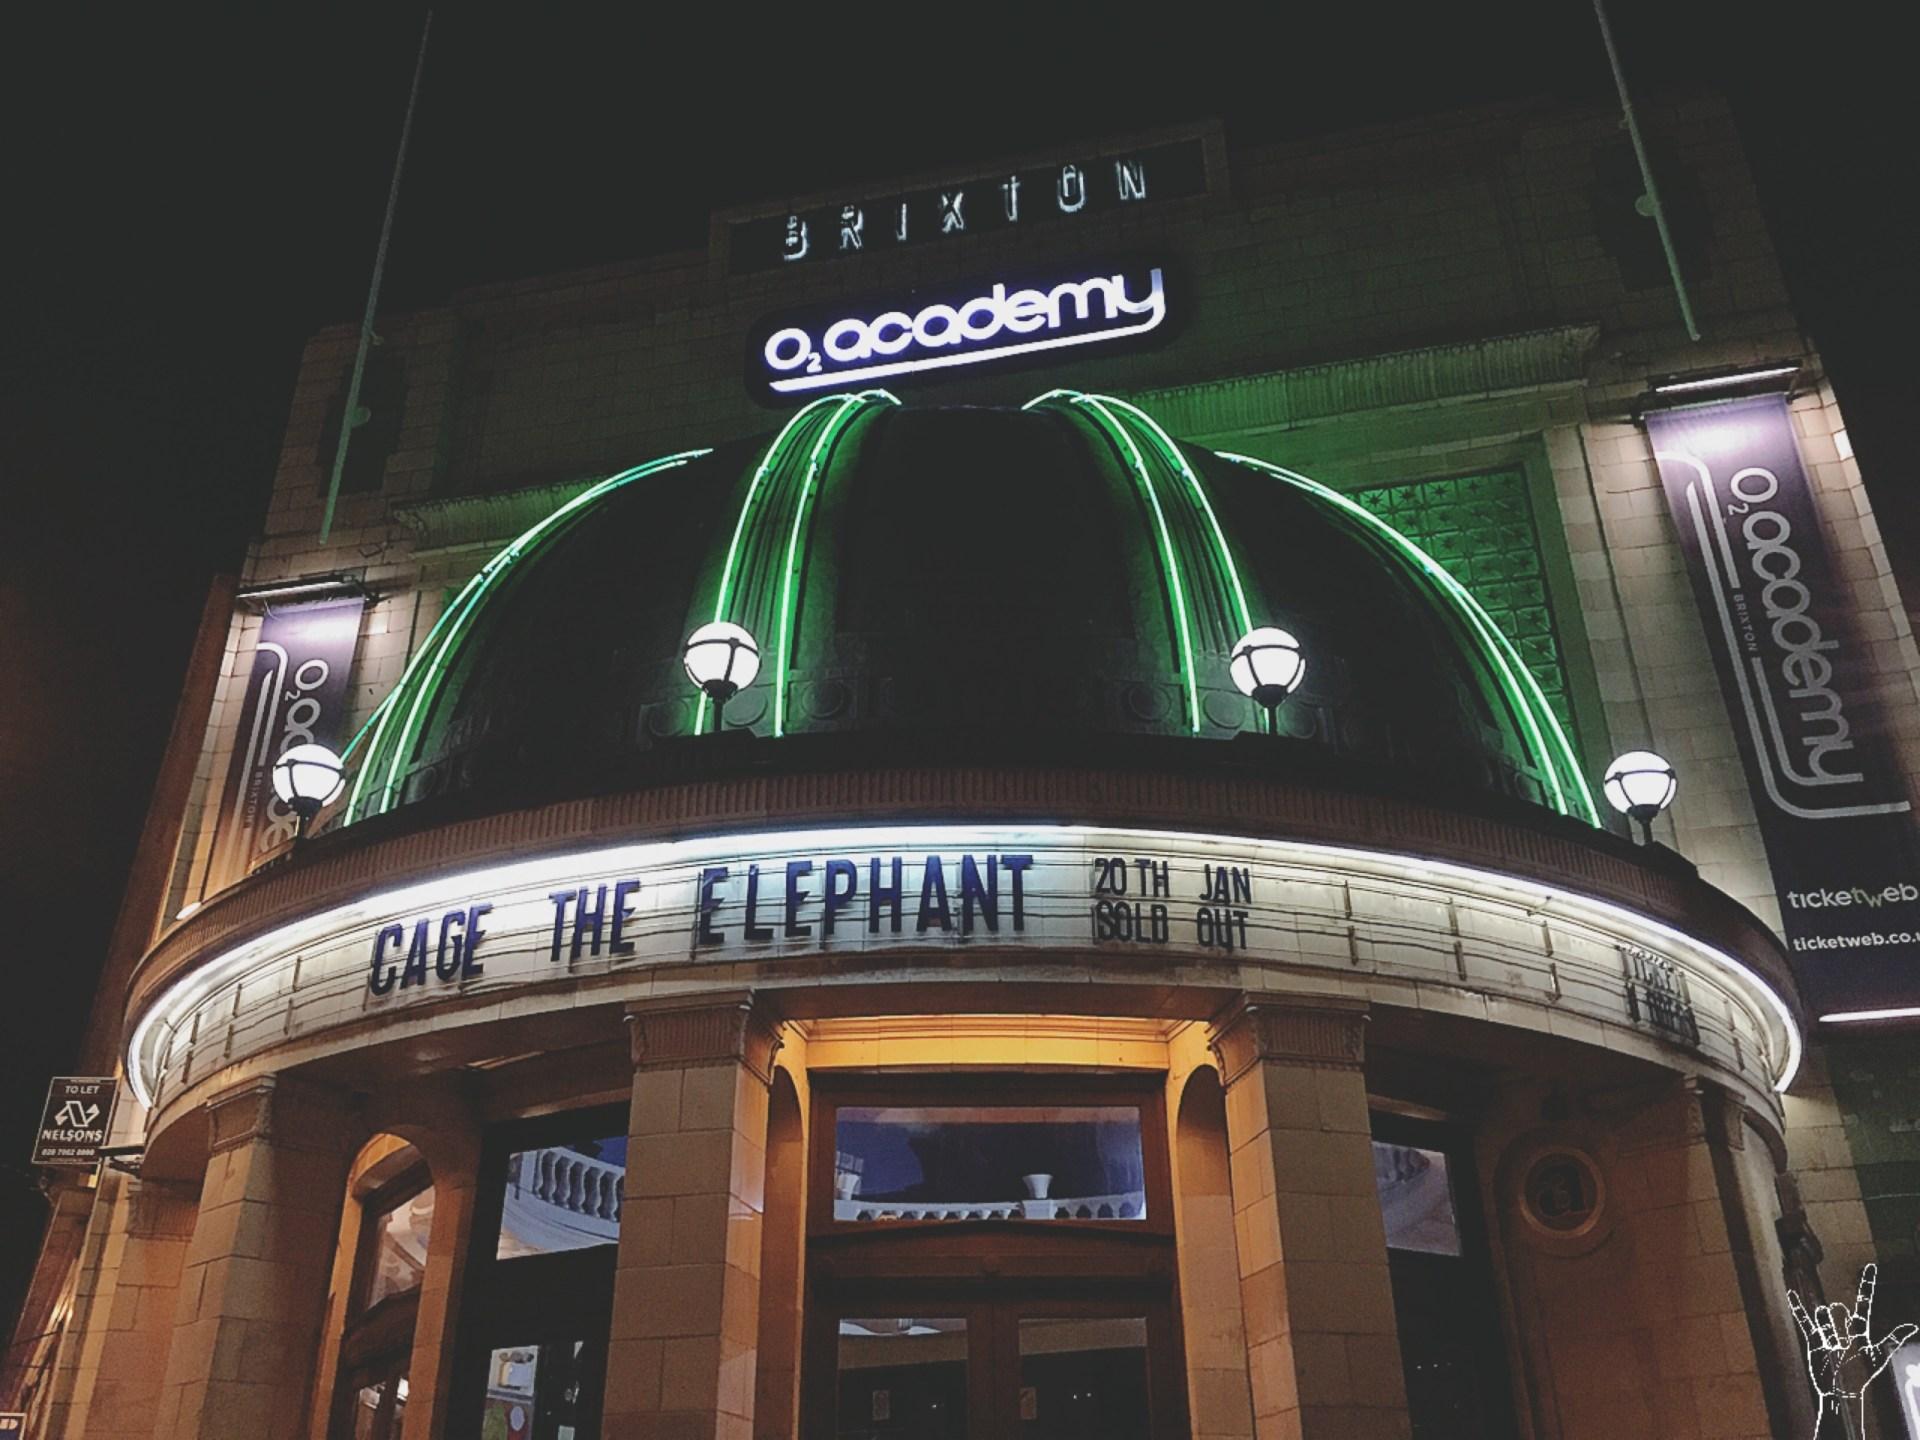 La folie des Britanniques pour Cage The Elephant.4 min de lecture